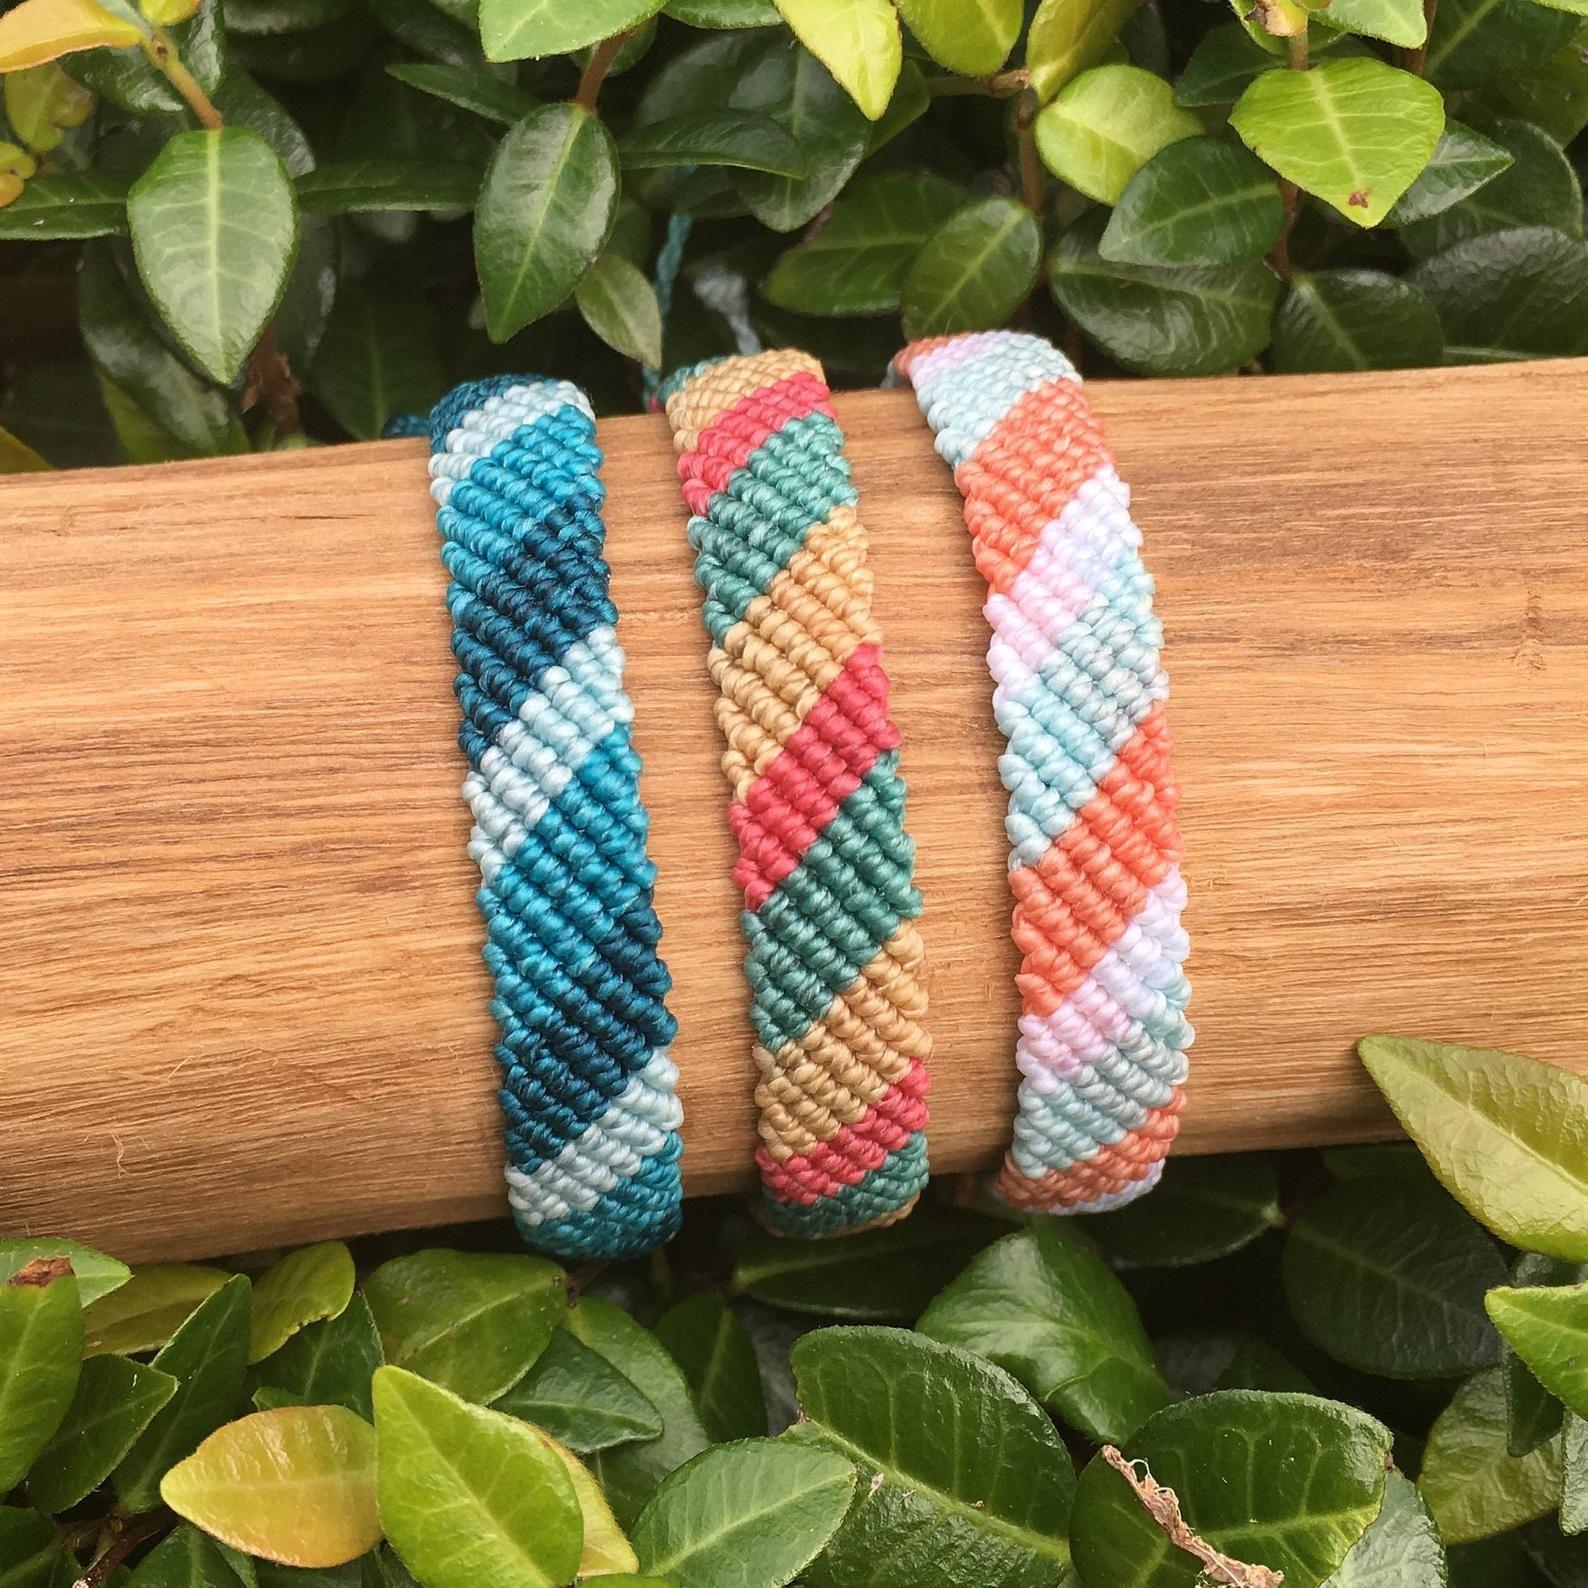 Color Block Wide Flat Braid Bracelet or Anklet // Waterproof Adjustable Beach Surfer VSCO Festival Parade Nature Summer Colorful Boho